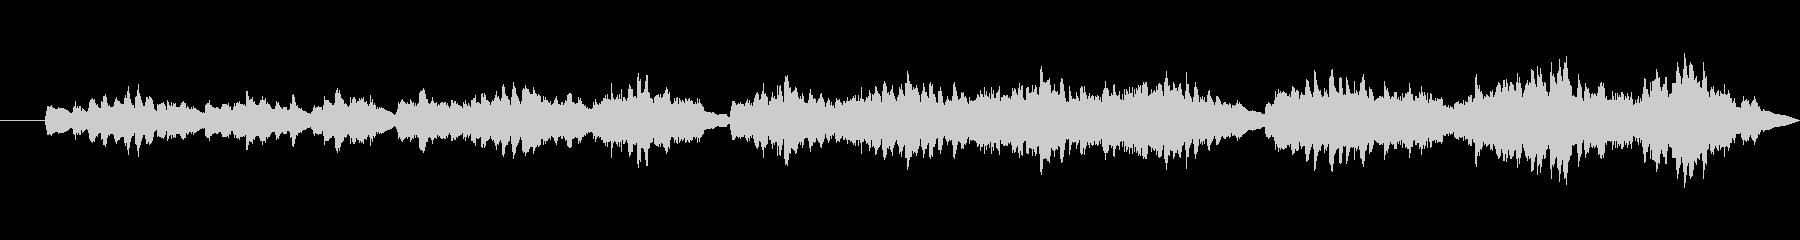 ピアノ、人の施術の練習、音楽FX;...の未再生の波形